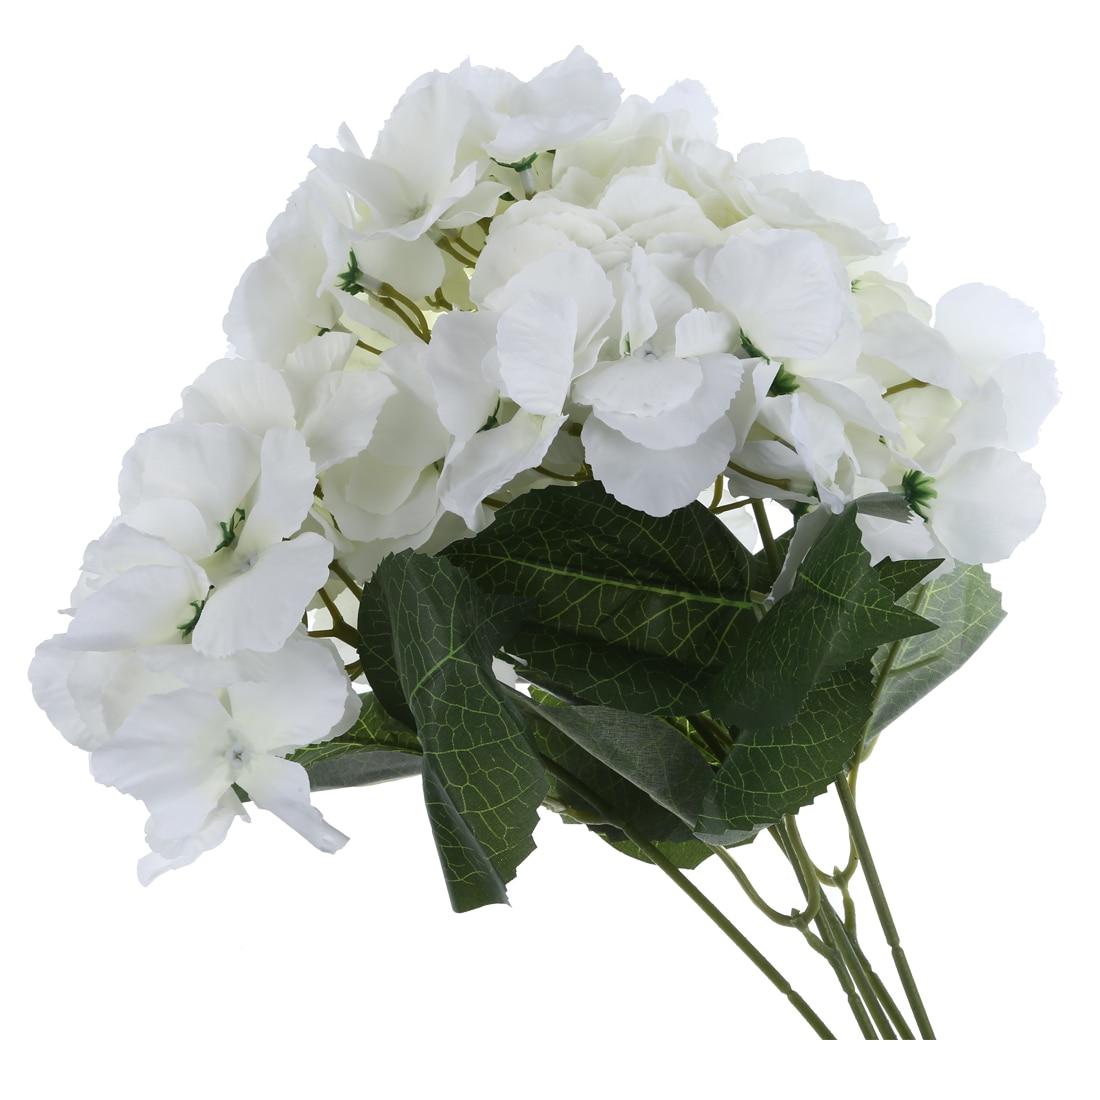 Artificial Hydrangea Flower 5 Big Heads Bouquet Diameter 7 Each